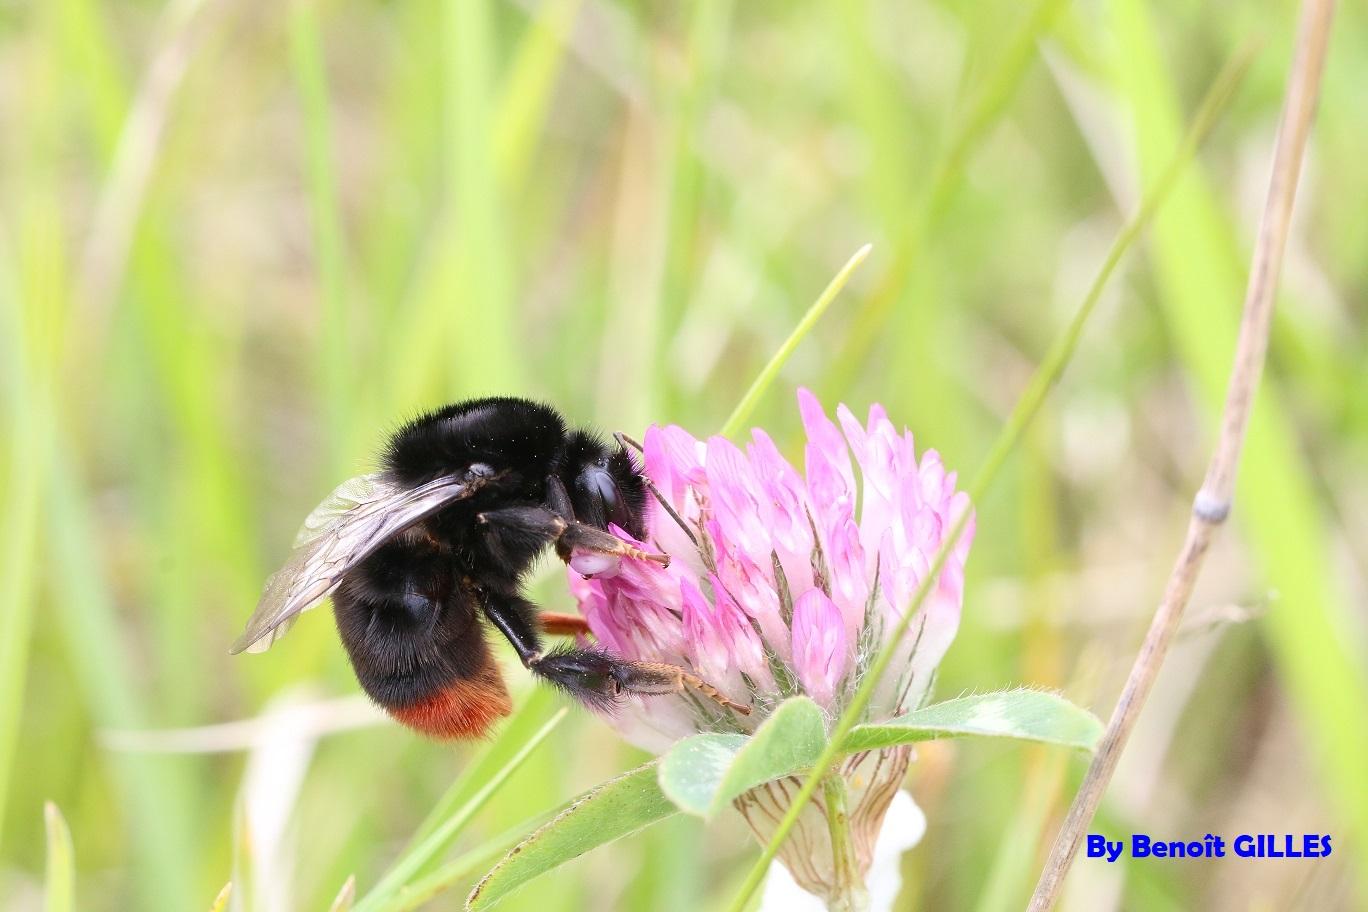 Bourdon butinant une fleur (Bombus lapidarius - Apidae)